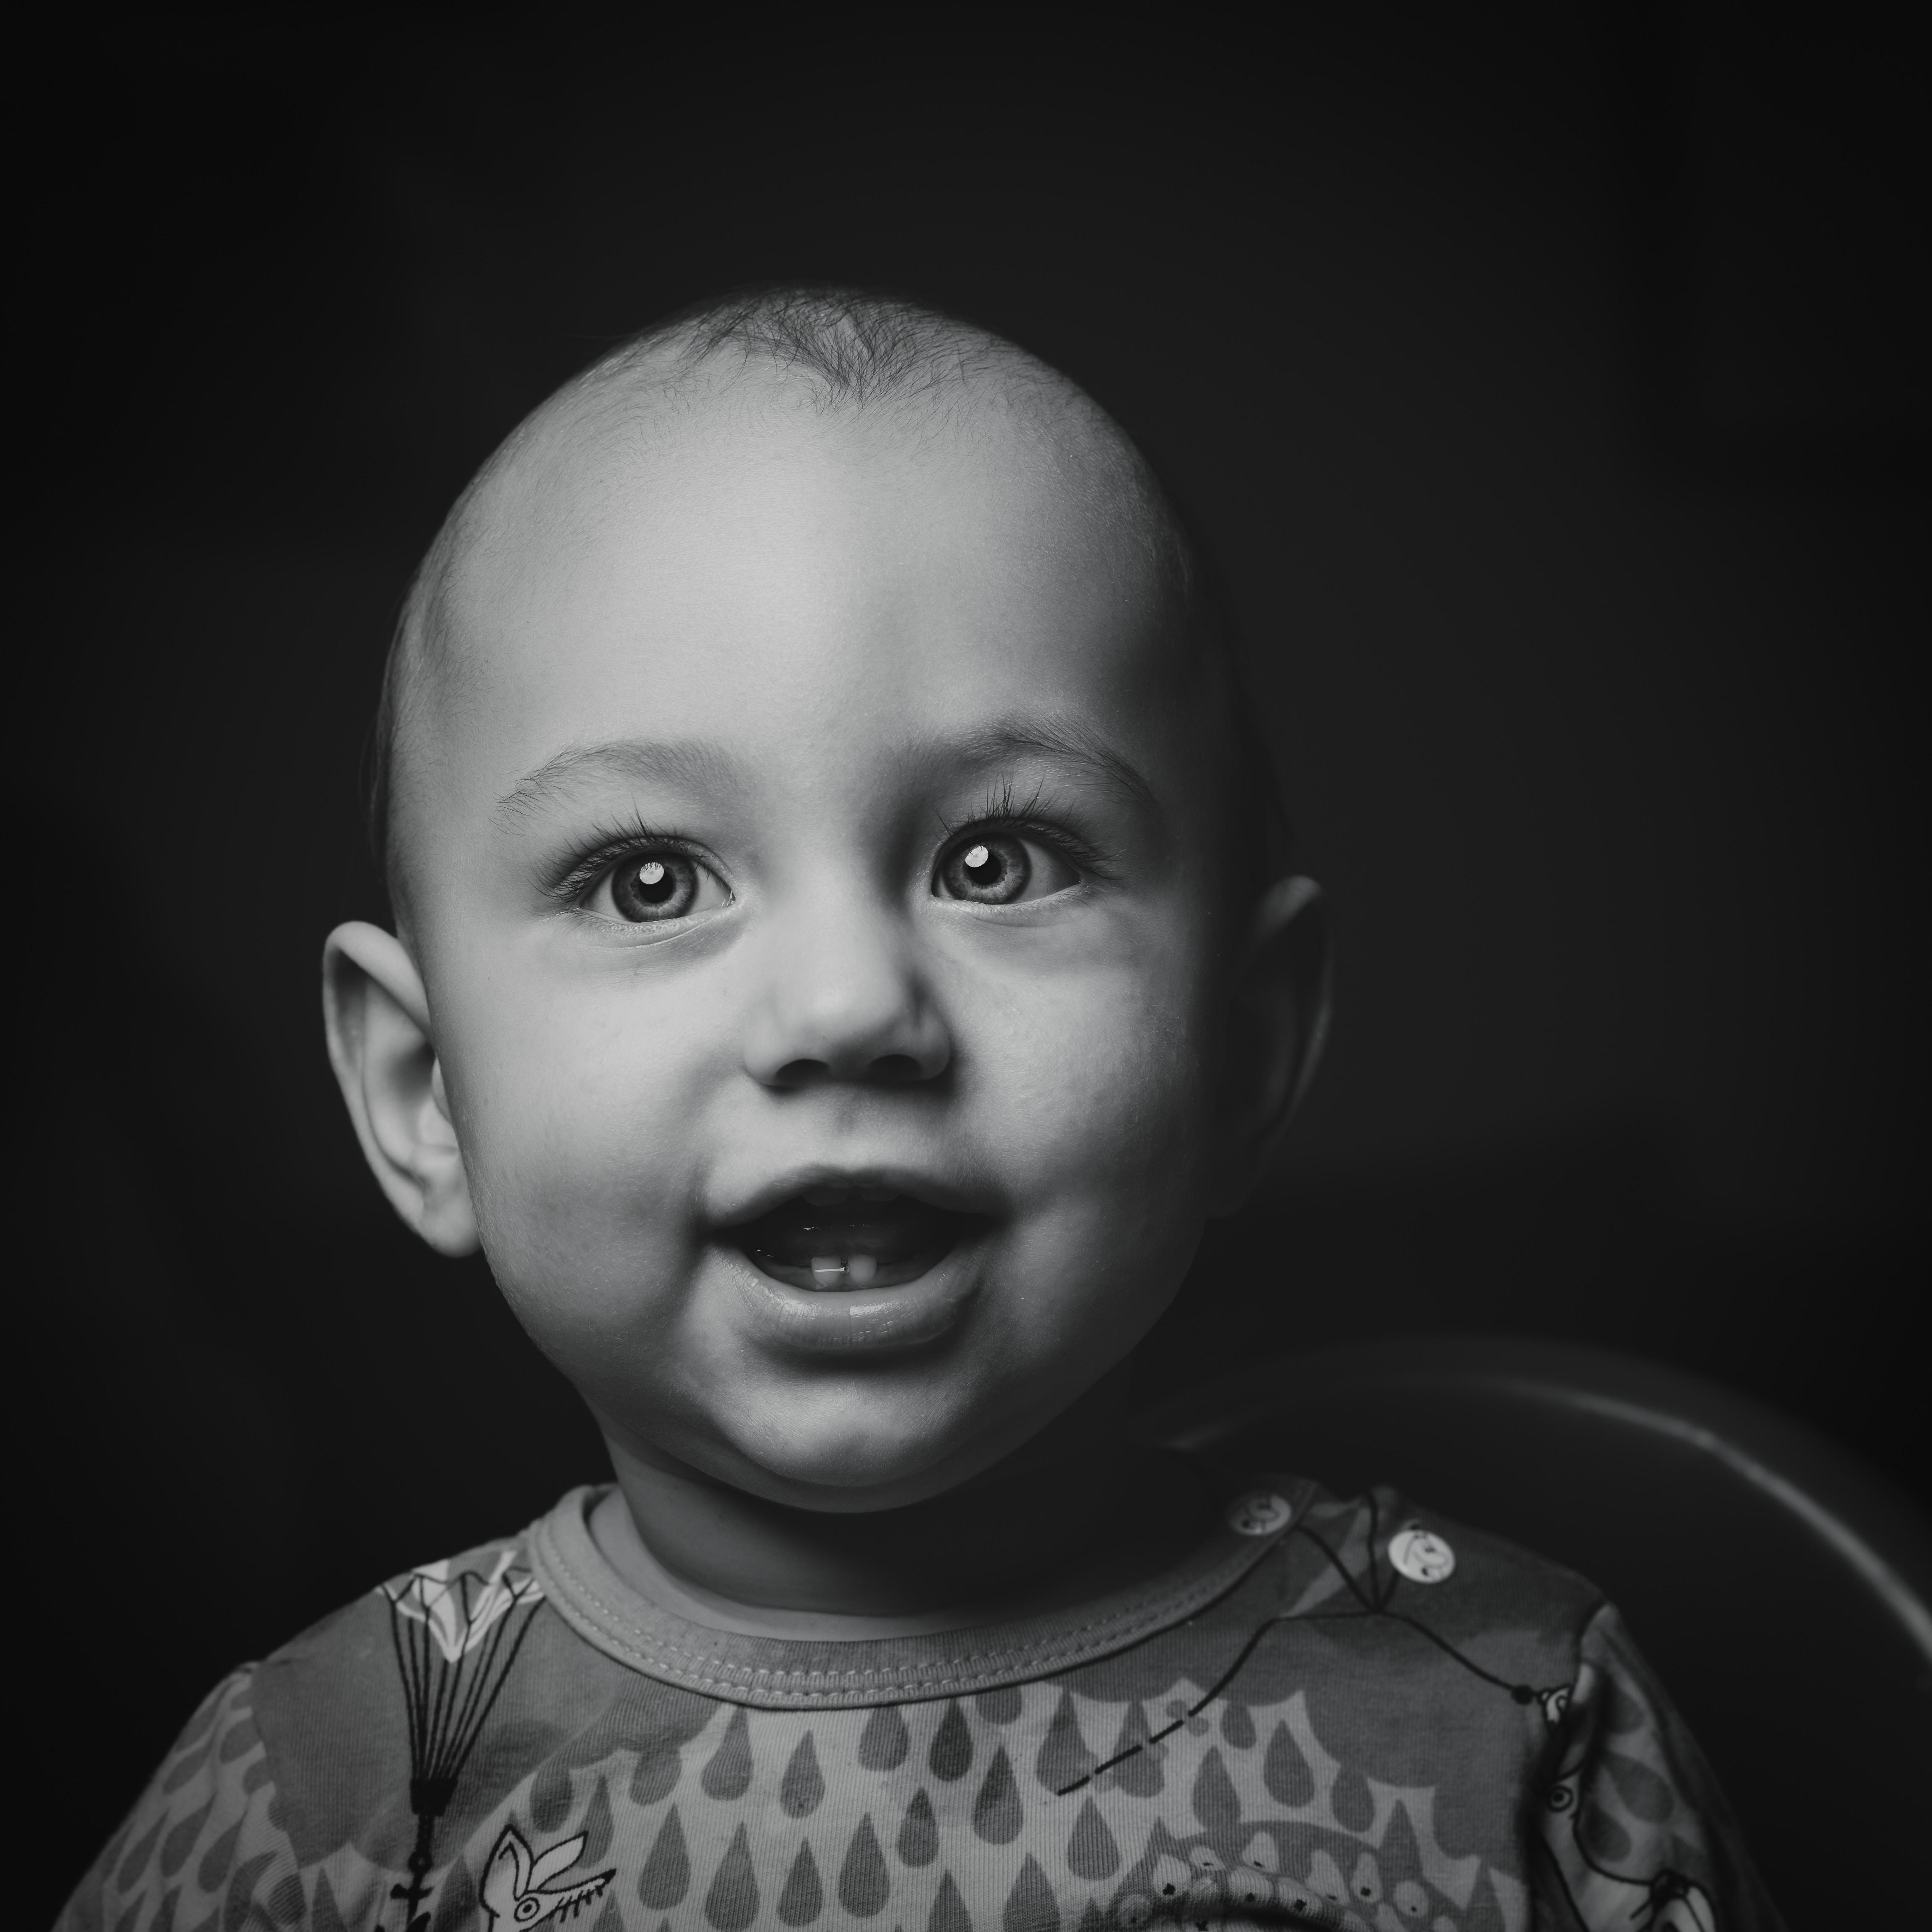 Saat Bayi Mulai Tumbuh Gigi: Gejala, Solusi dan Hal-Hal Yang Bunda Perlu Ketahui